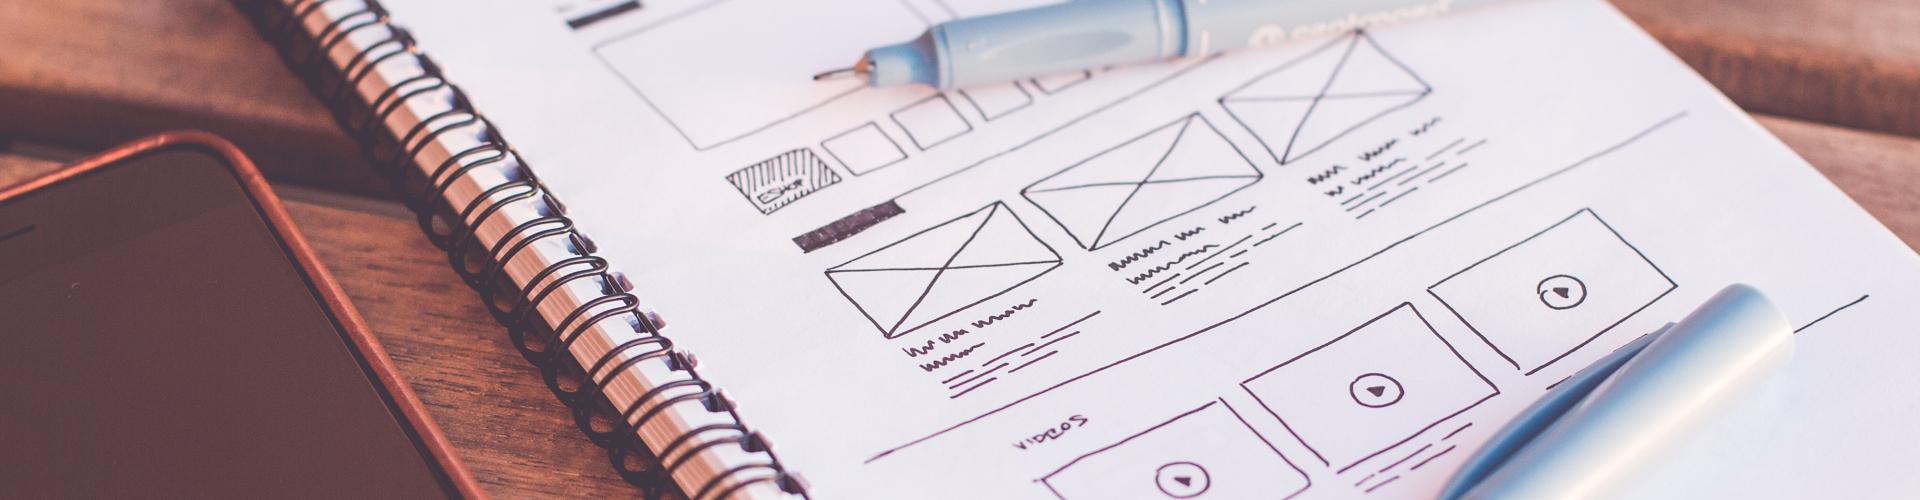 Vacature UX designer